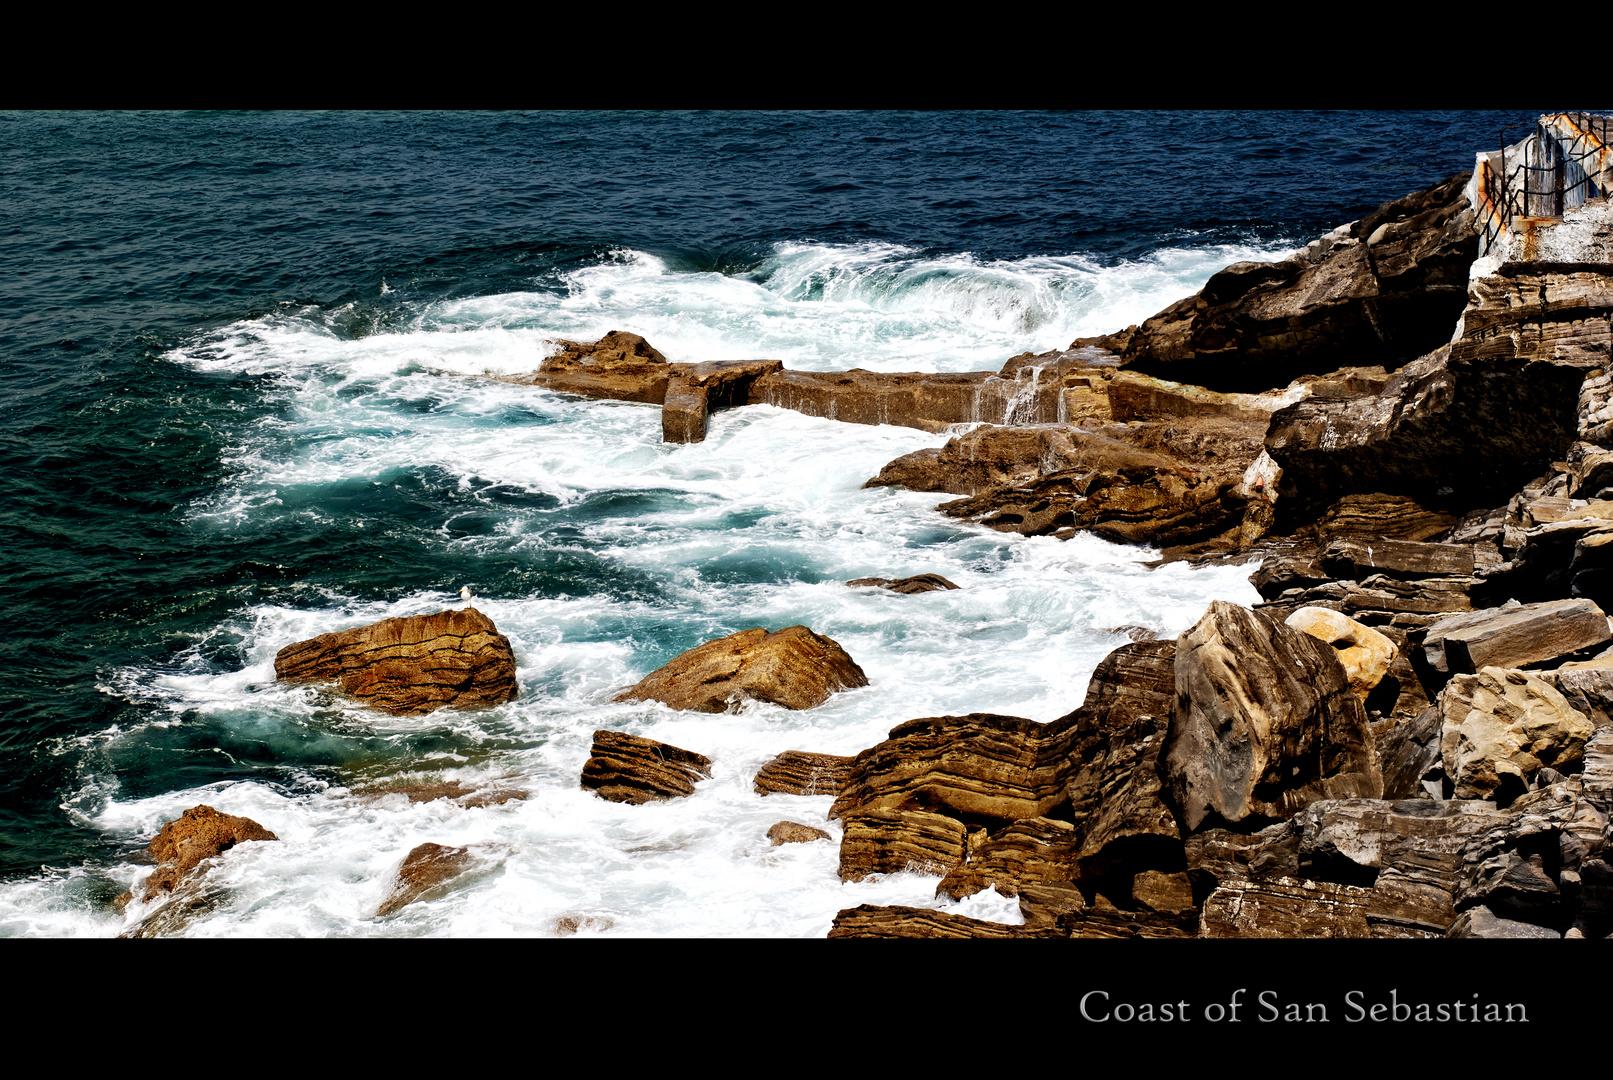 Coast of San Sebastian